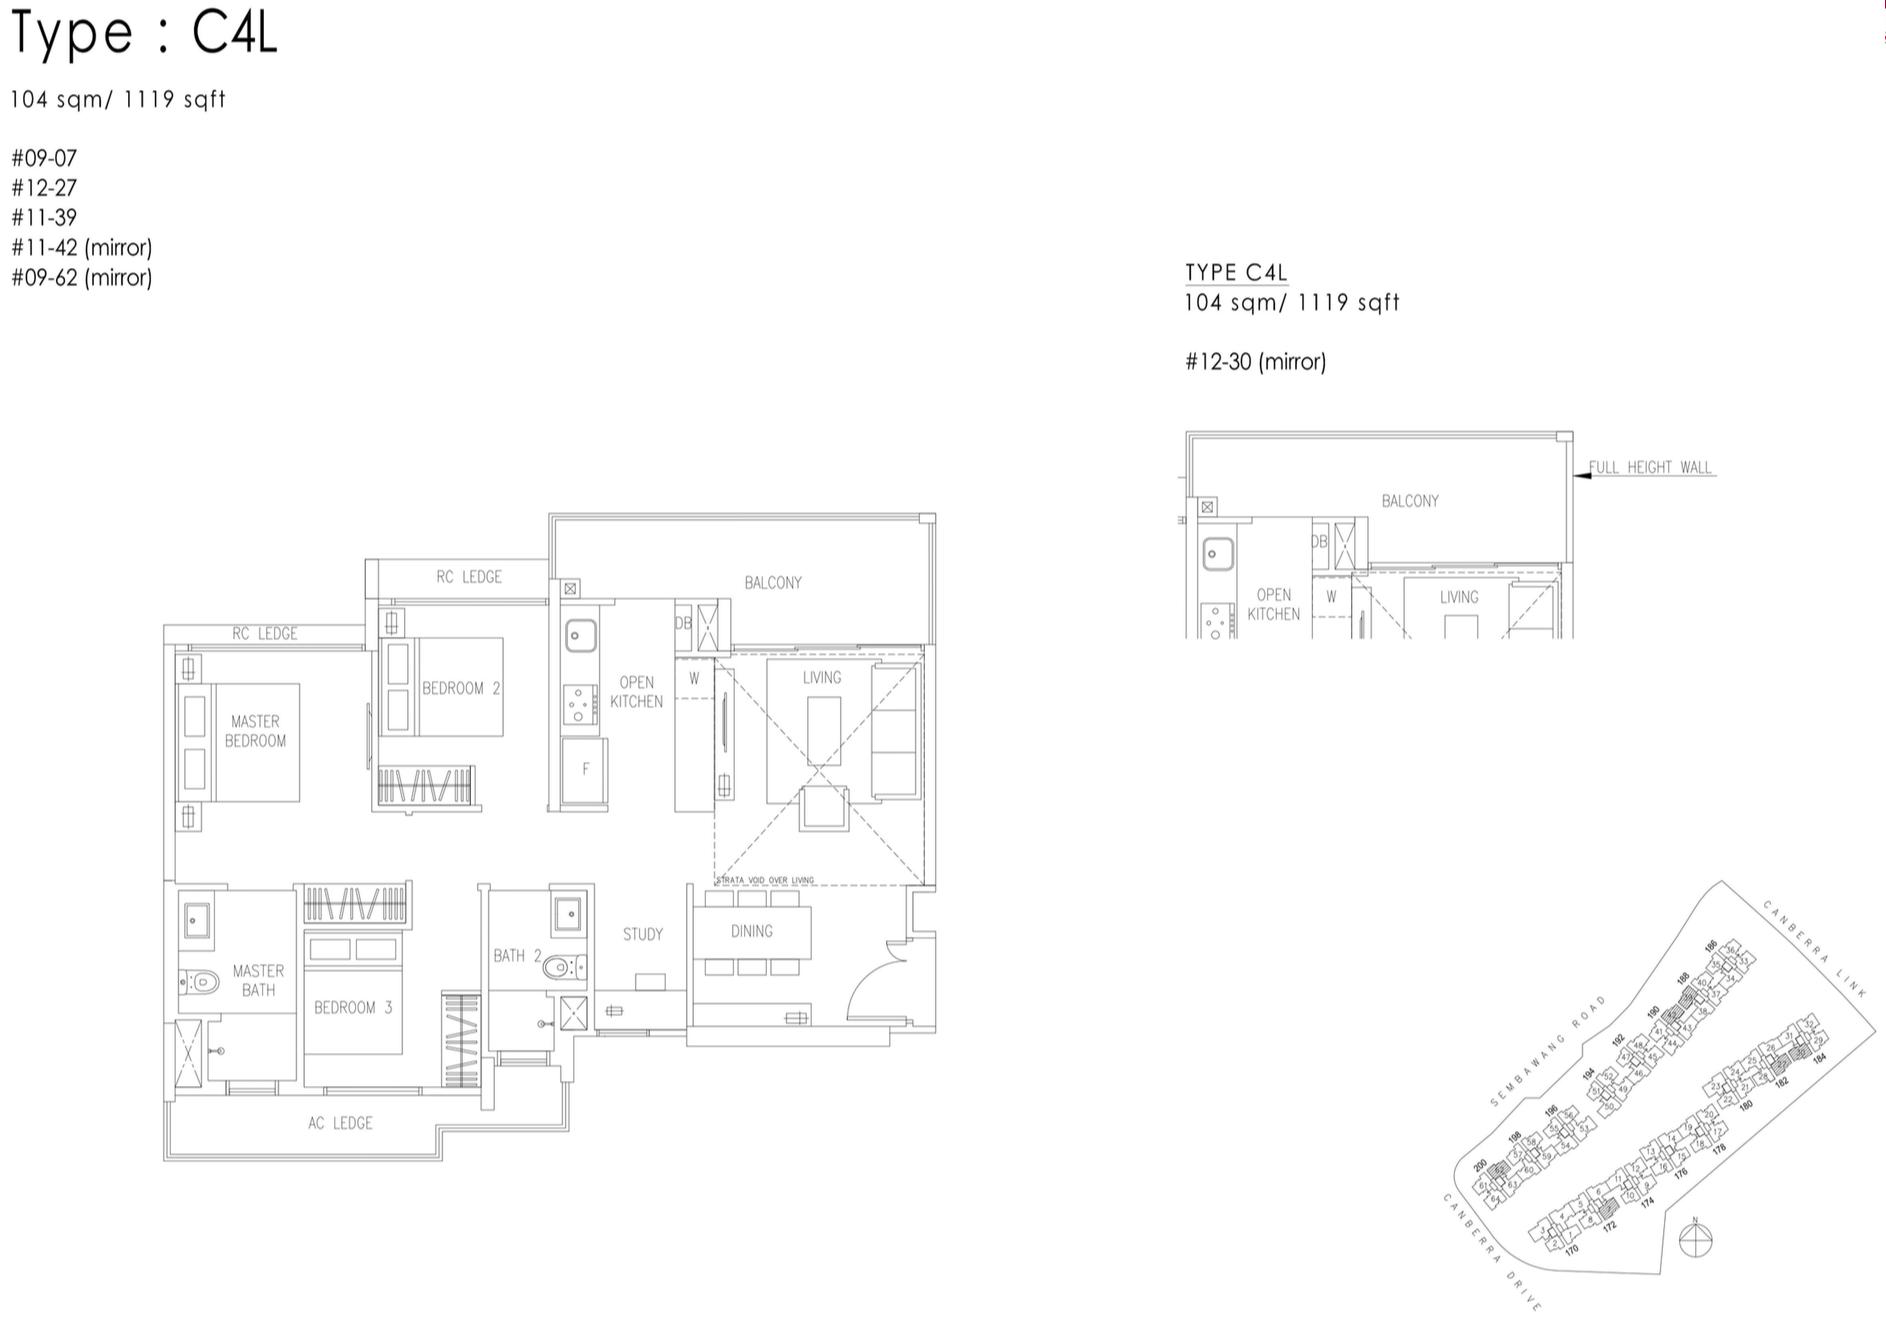 The Visionaire EC Floor Plan - 3 Bedroom+Study C4L 104 sqm 1119 sqft